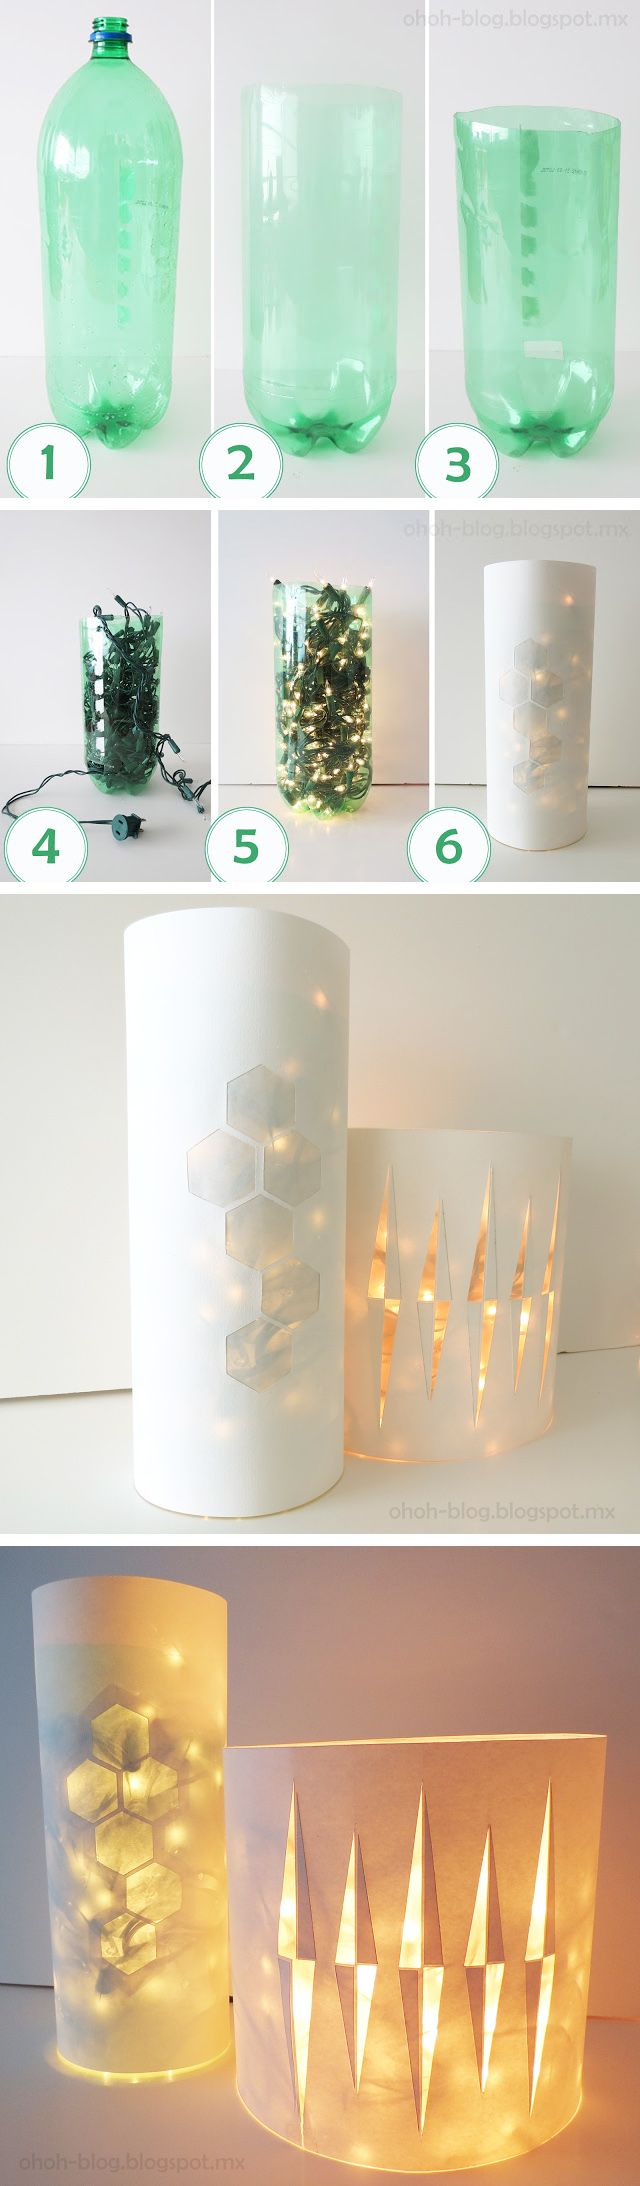 Hoy presentamos un fantástico ejemplo de lámpara DIY hecha a partir de una botella de plástico, una lámina de papel blanco o cartulina y las típicas luces navideñas (de tipo LED). El resultado es francamente sorprendente. Tutorial de Ohoh Blog…